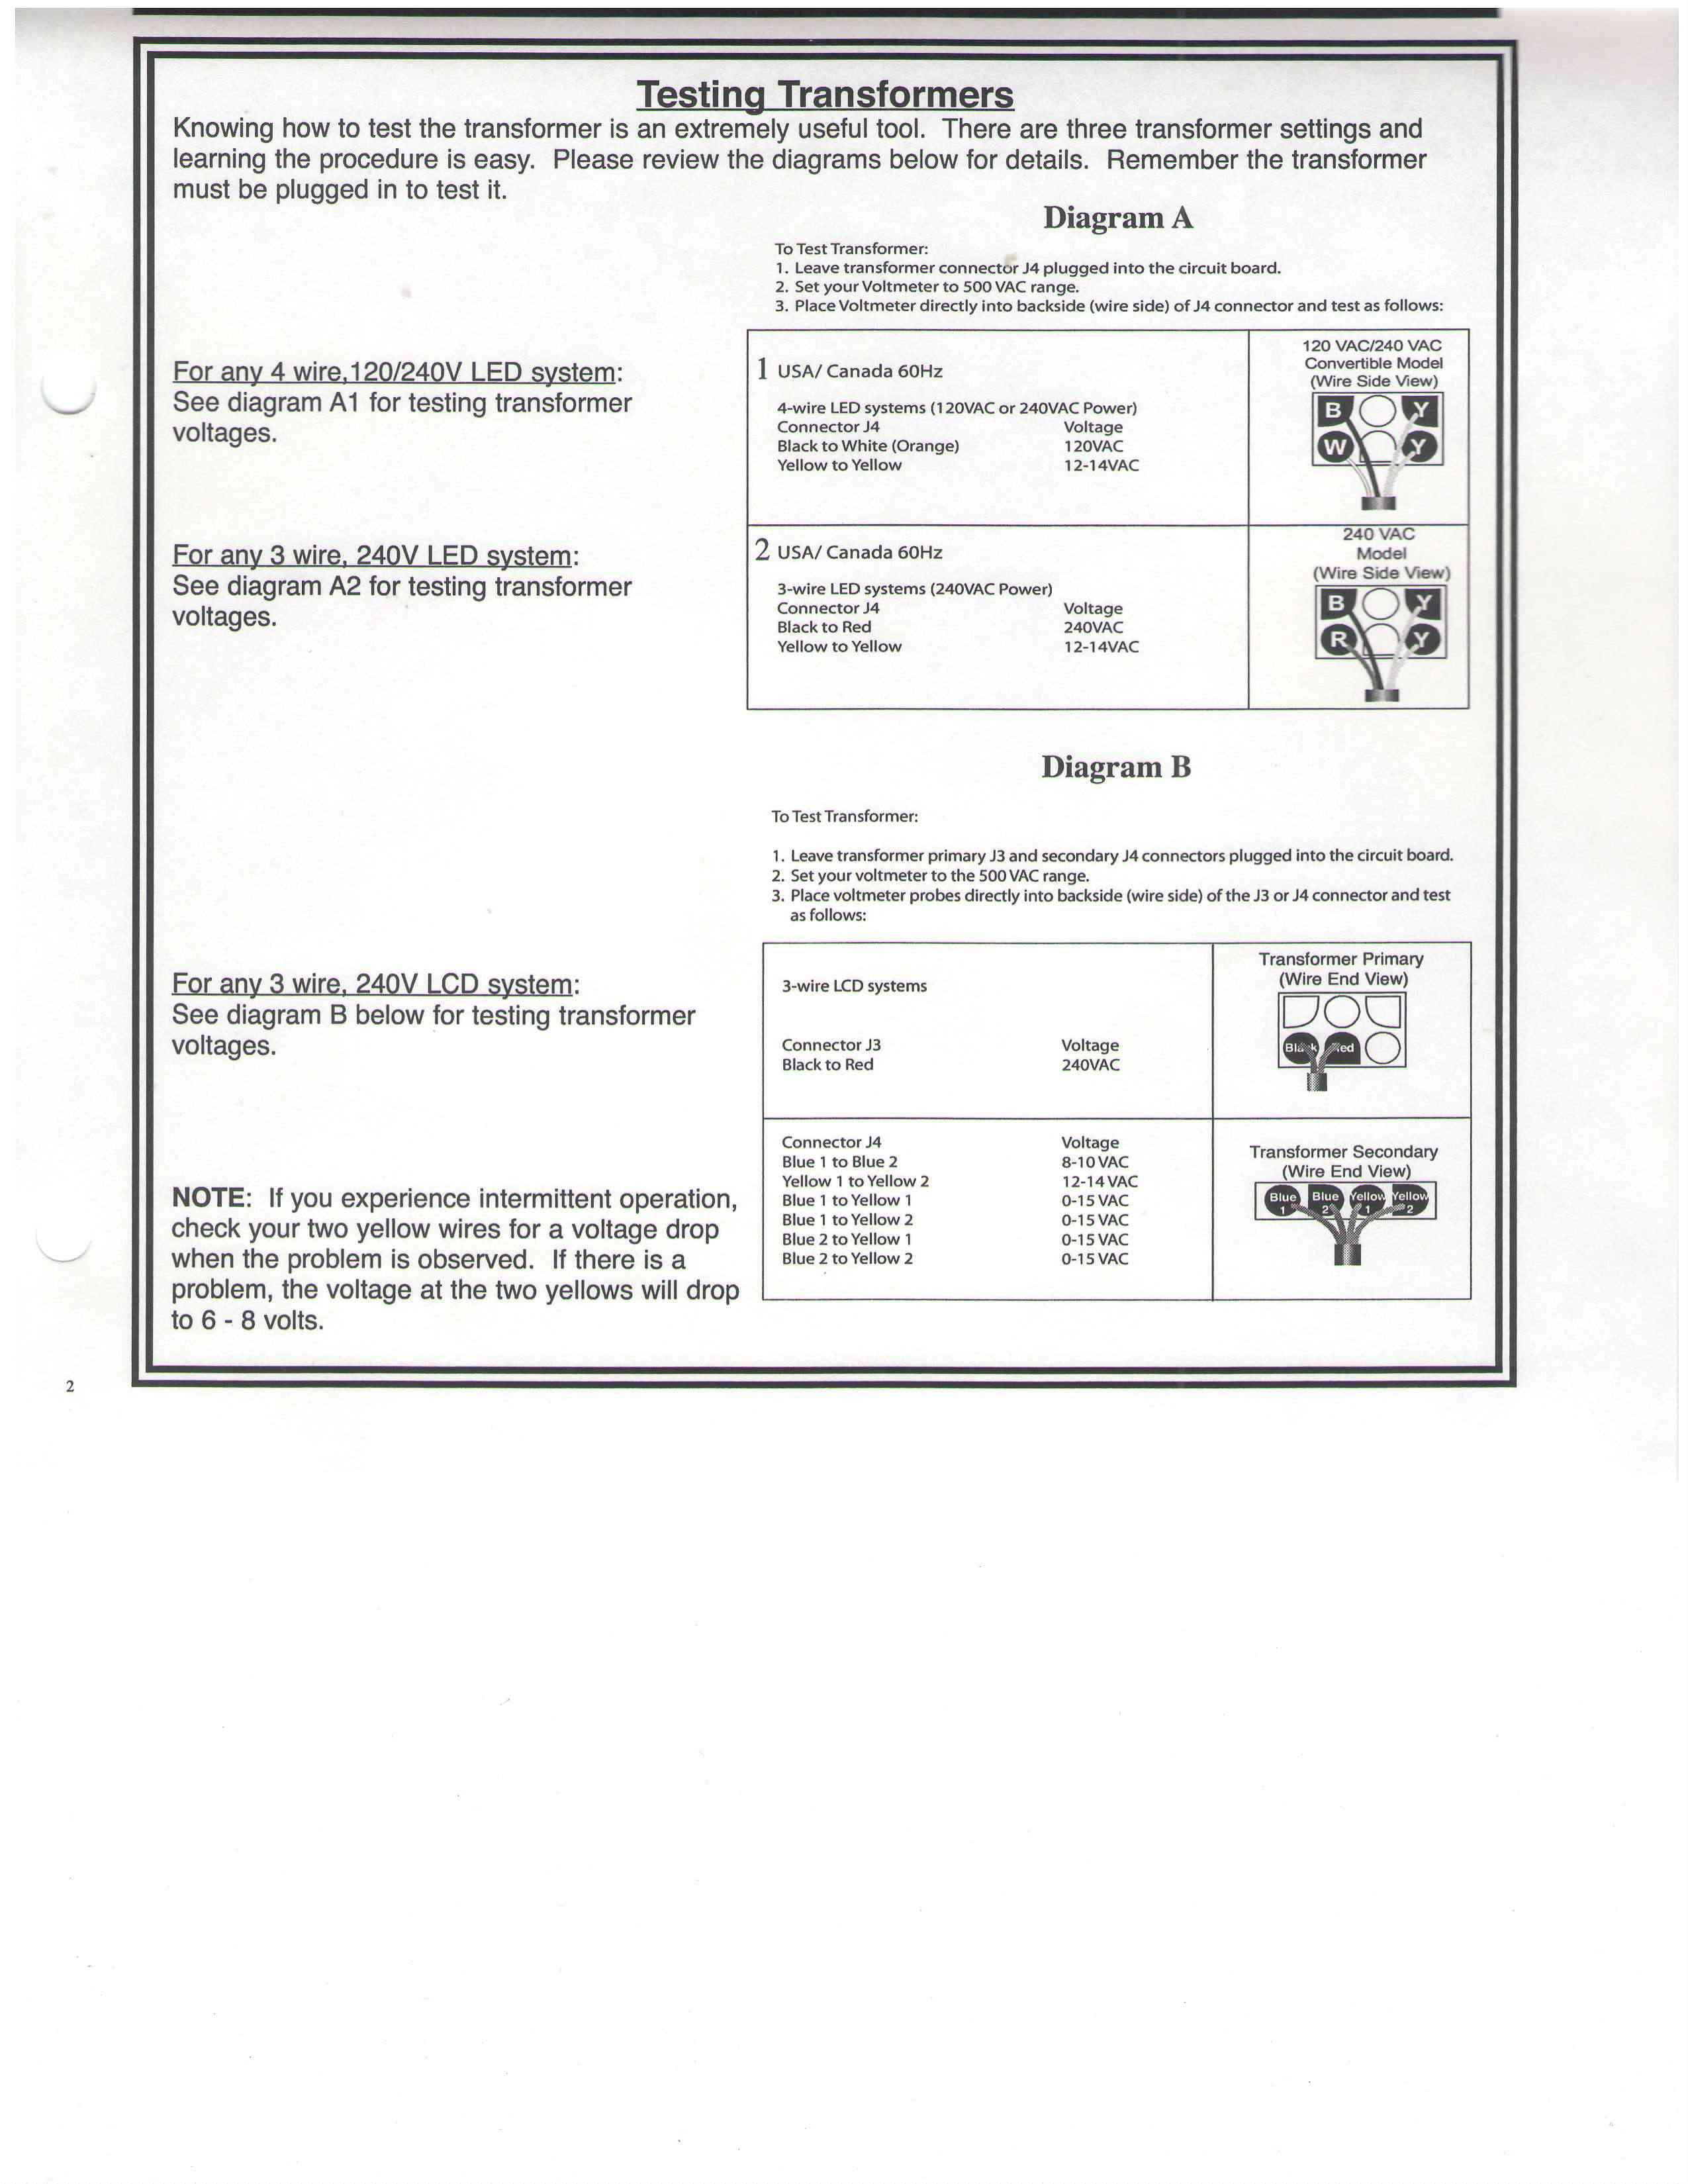 thermax wiring diagram get wiring diagram free